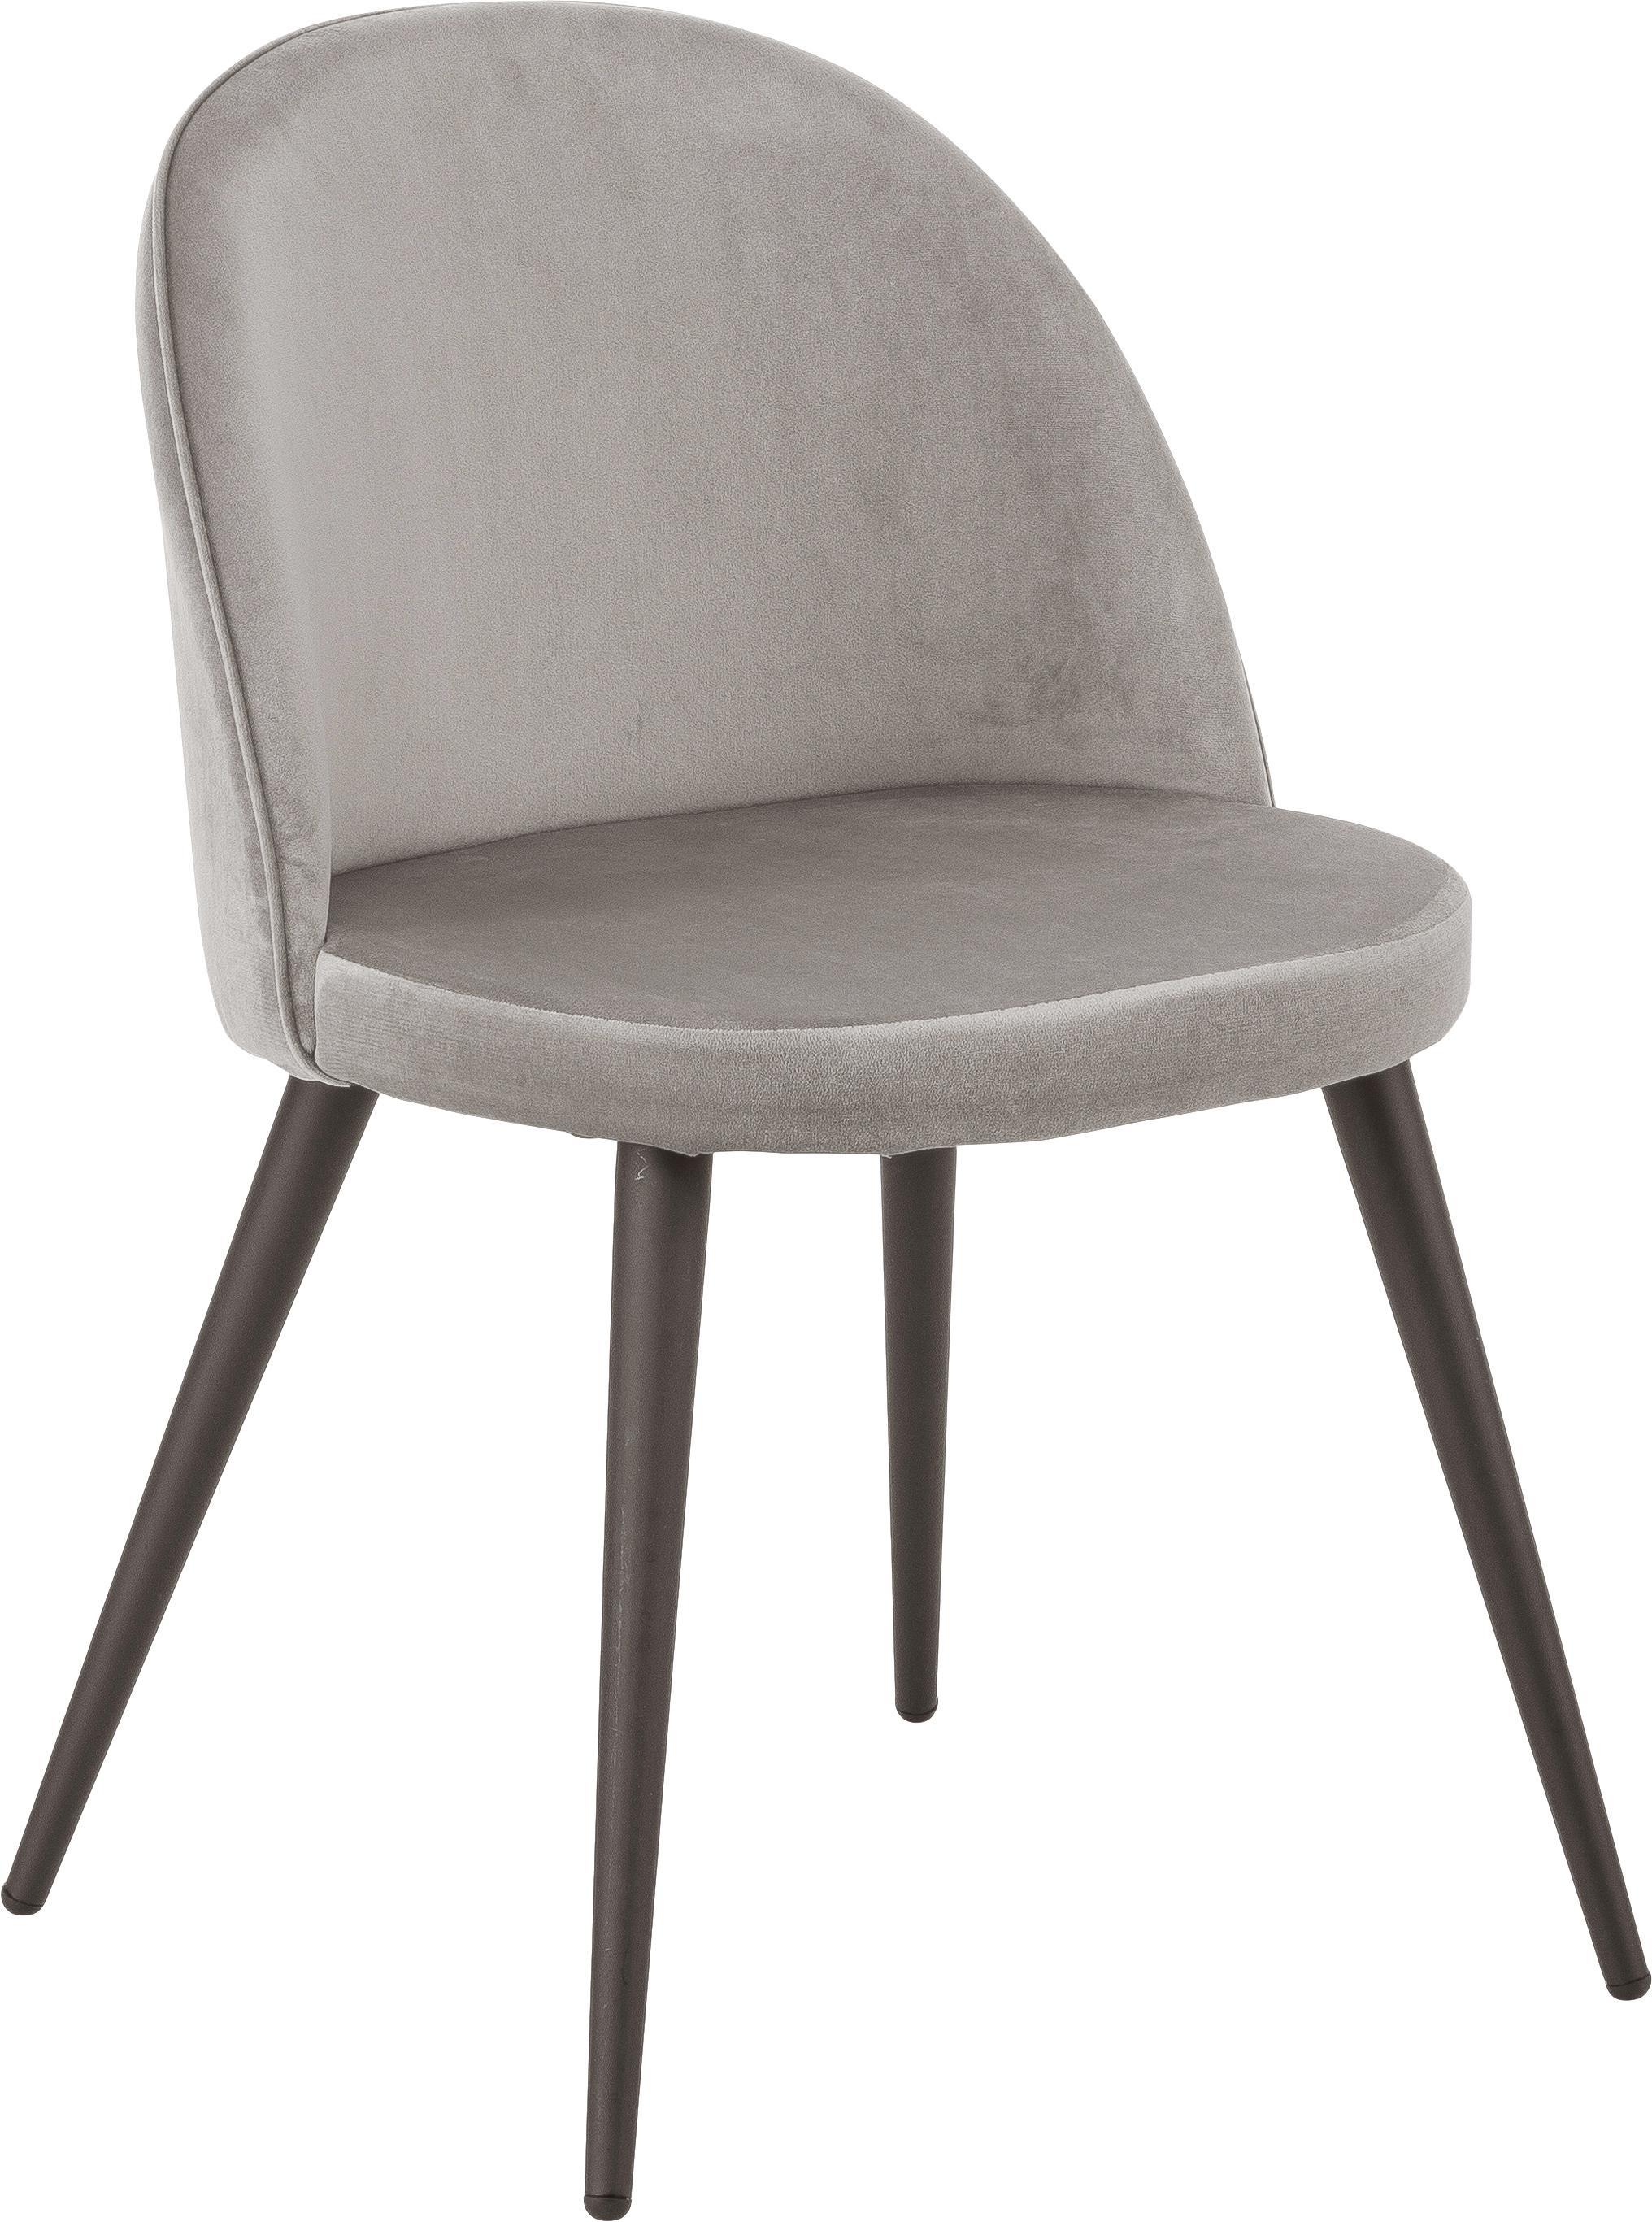 Krzesło tapicerowane z aksamitu Amy, 2 szt., Tapicerka: aksamit (poliester) 2500, Nogi: metal malowany proszkowo, Szary, S 51 x G 55 cm